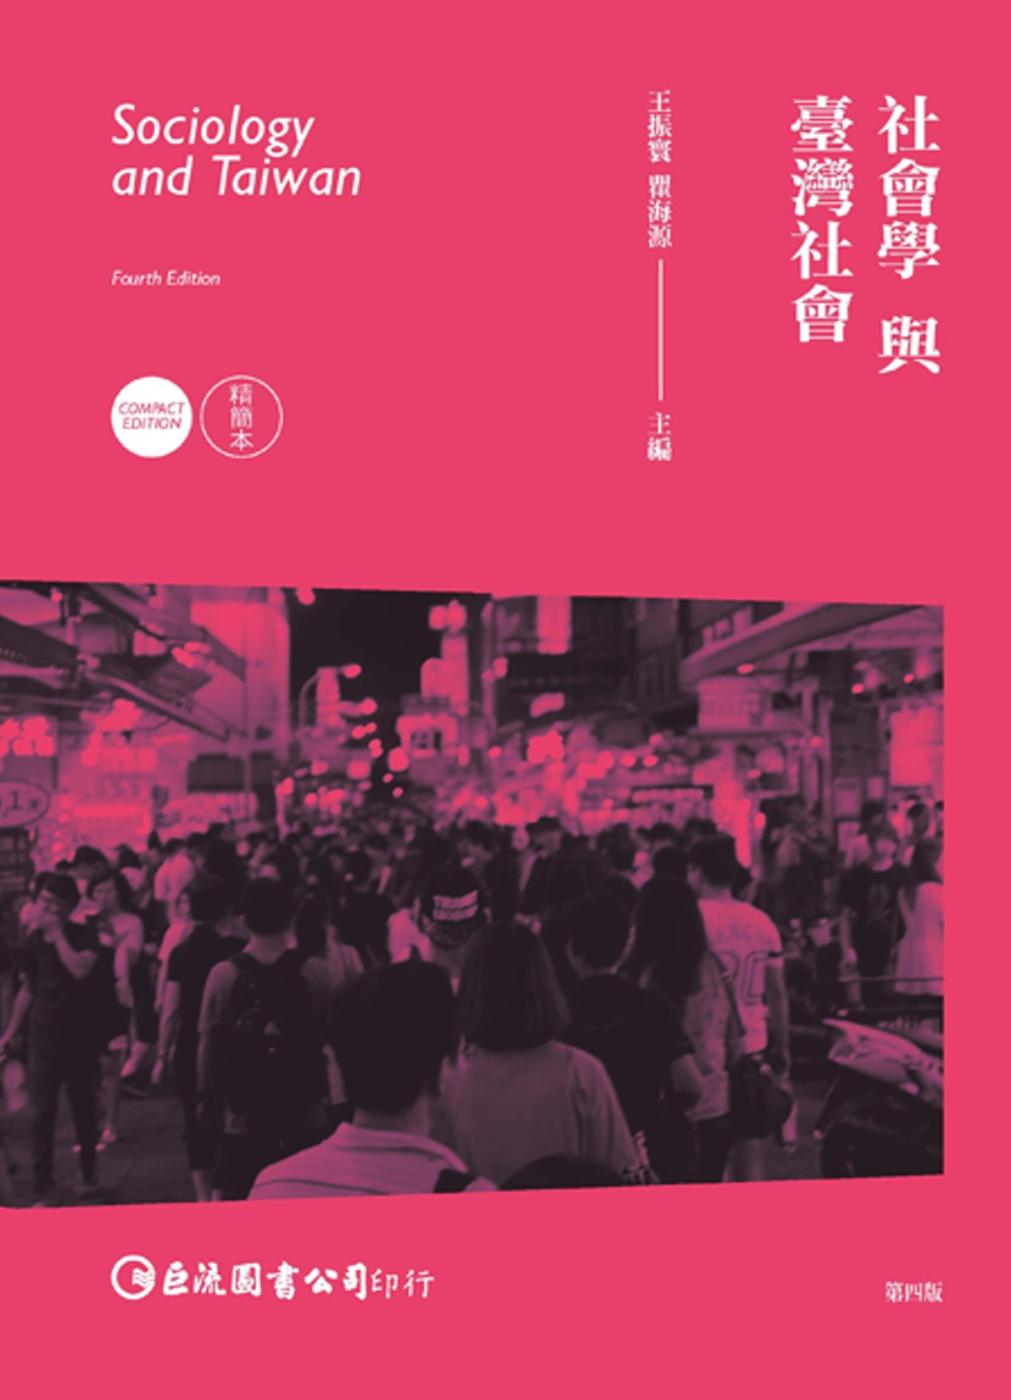 社會學與臺灣社會...